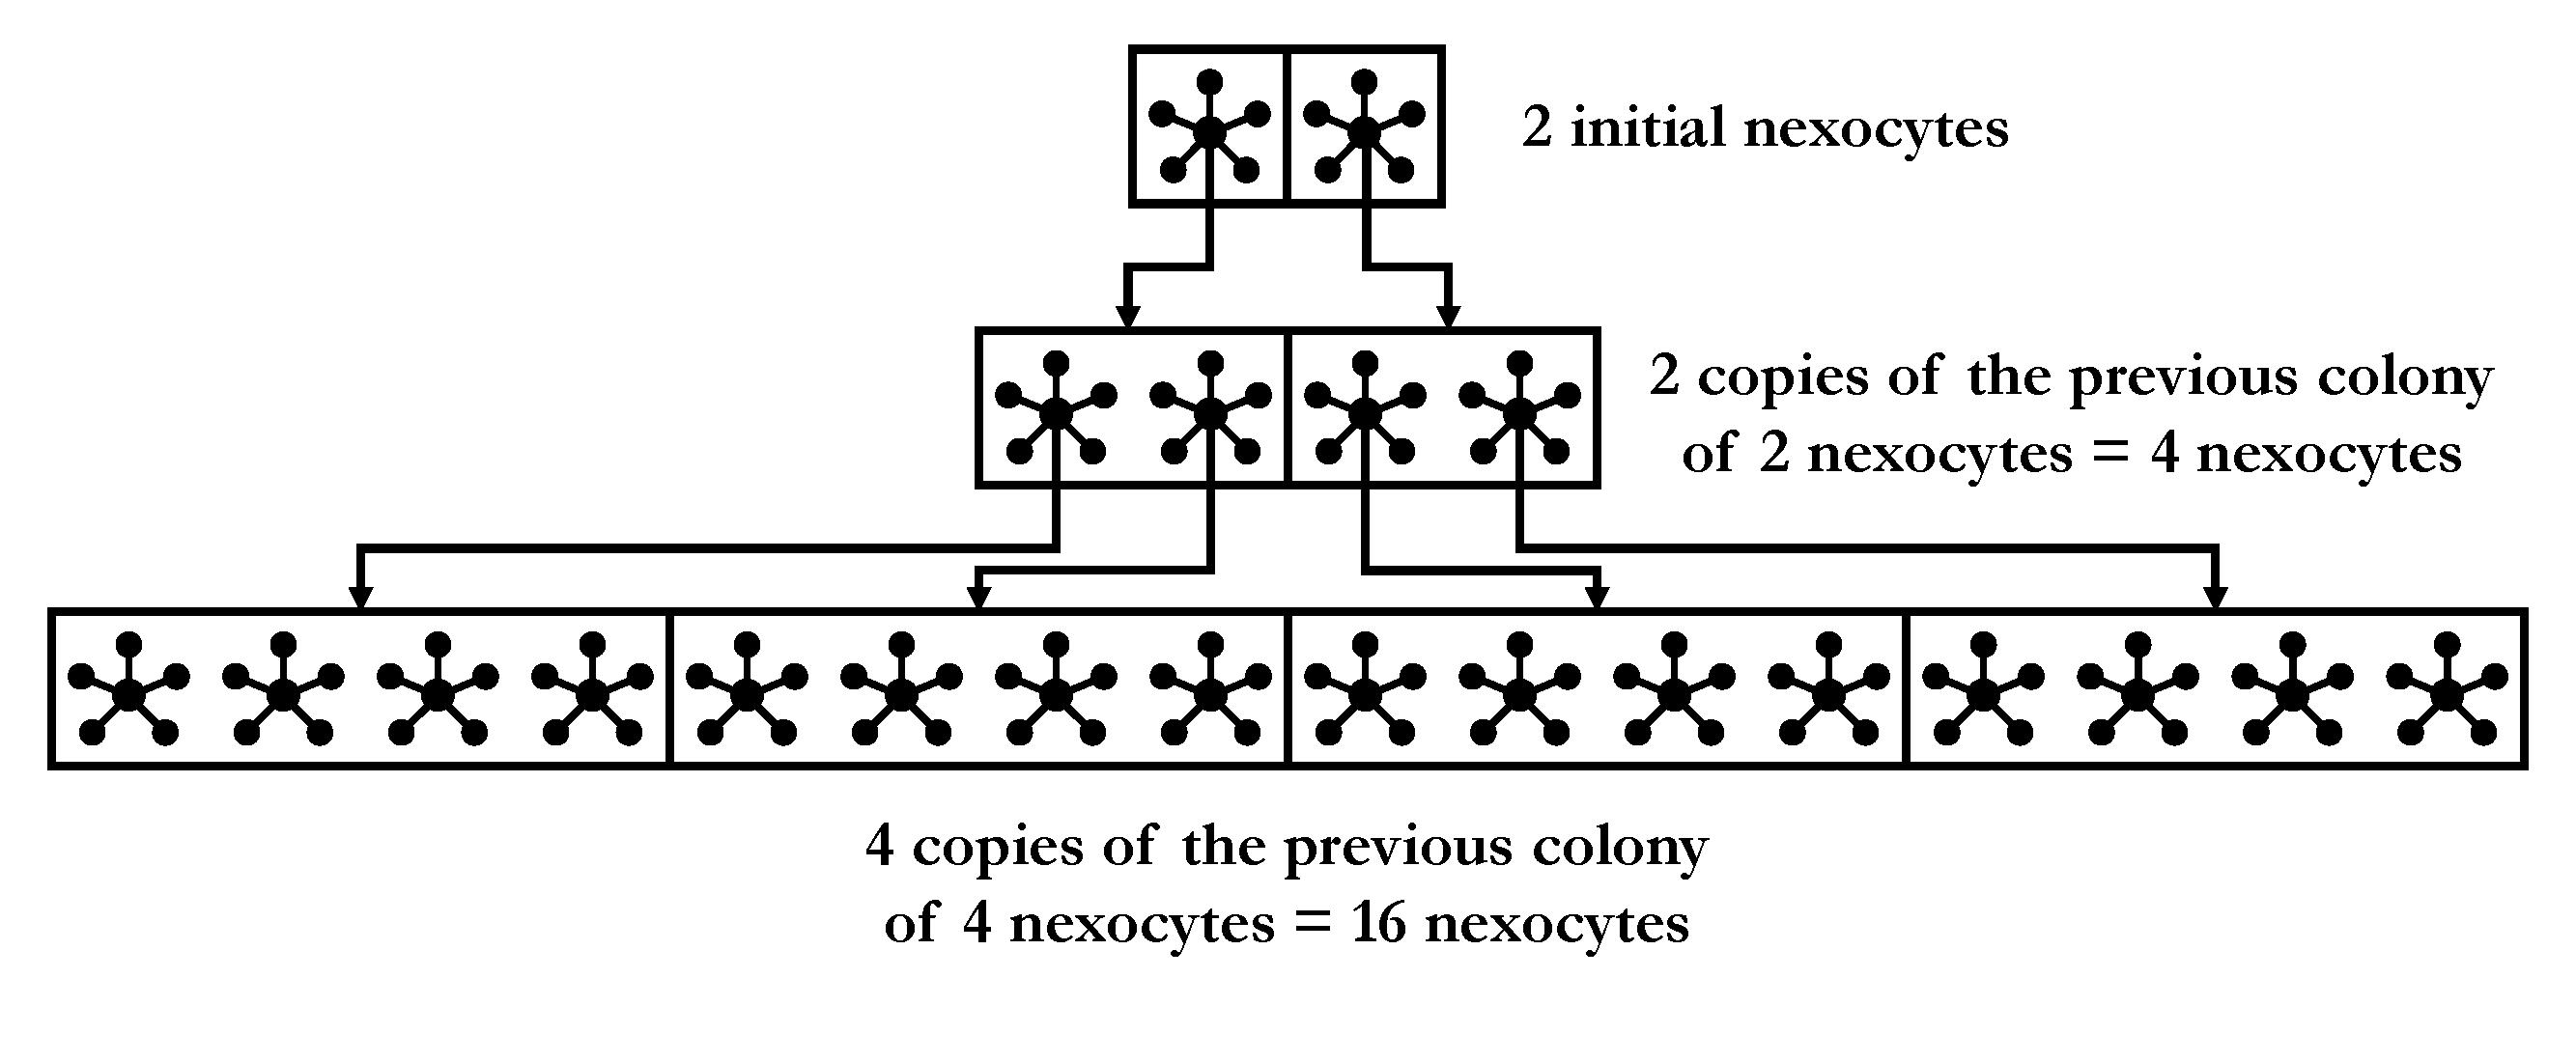 Nexocyte Cycle